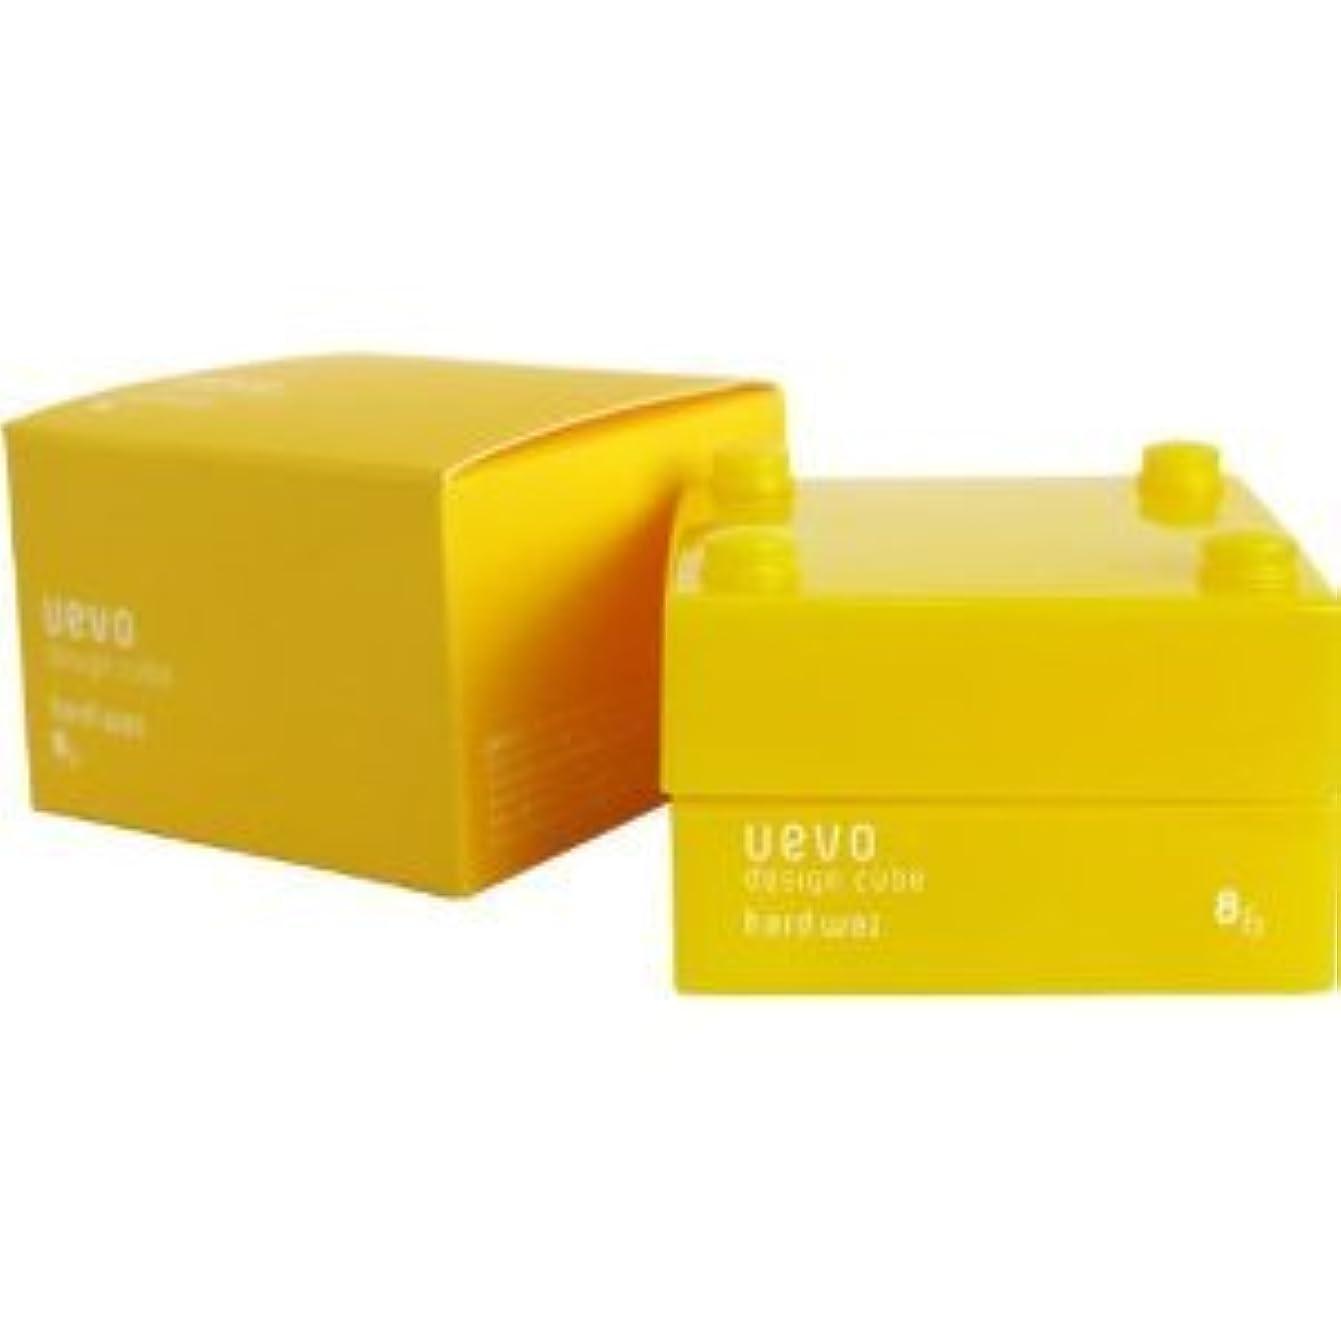 灌漑ジャベスウィルソン謎【X3個セット】 デミ ウェーボ デザインキューブ ハードワックス 30g hard wax DEMI uevo design cube